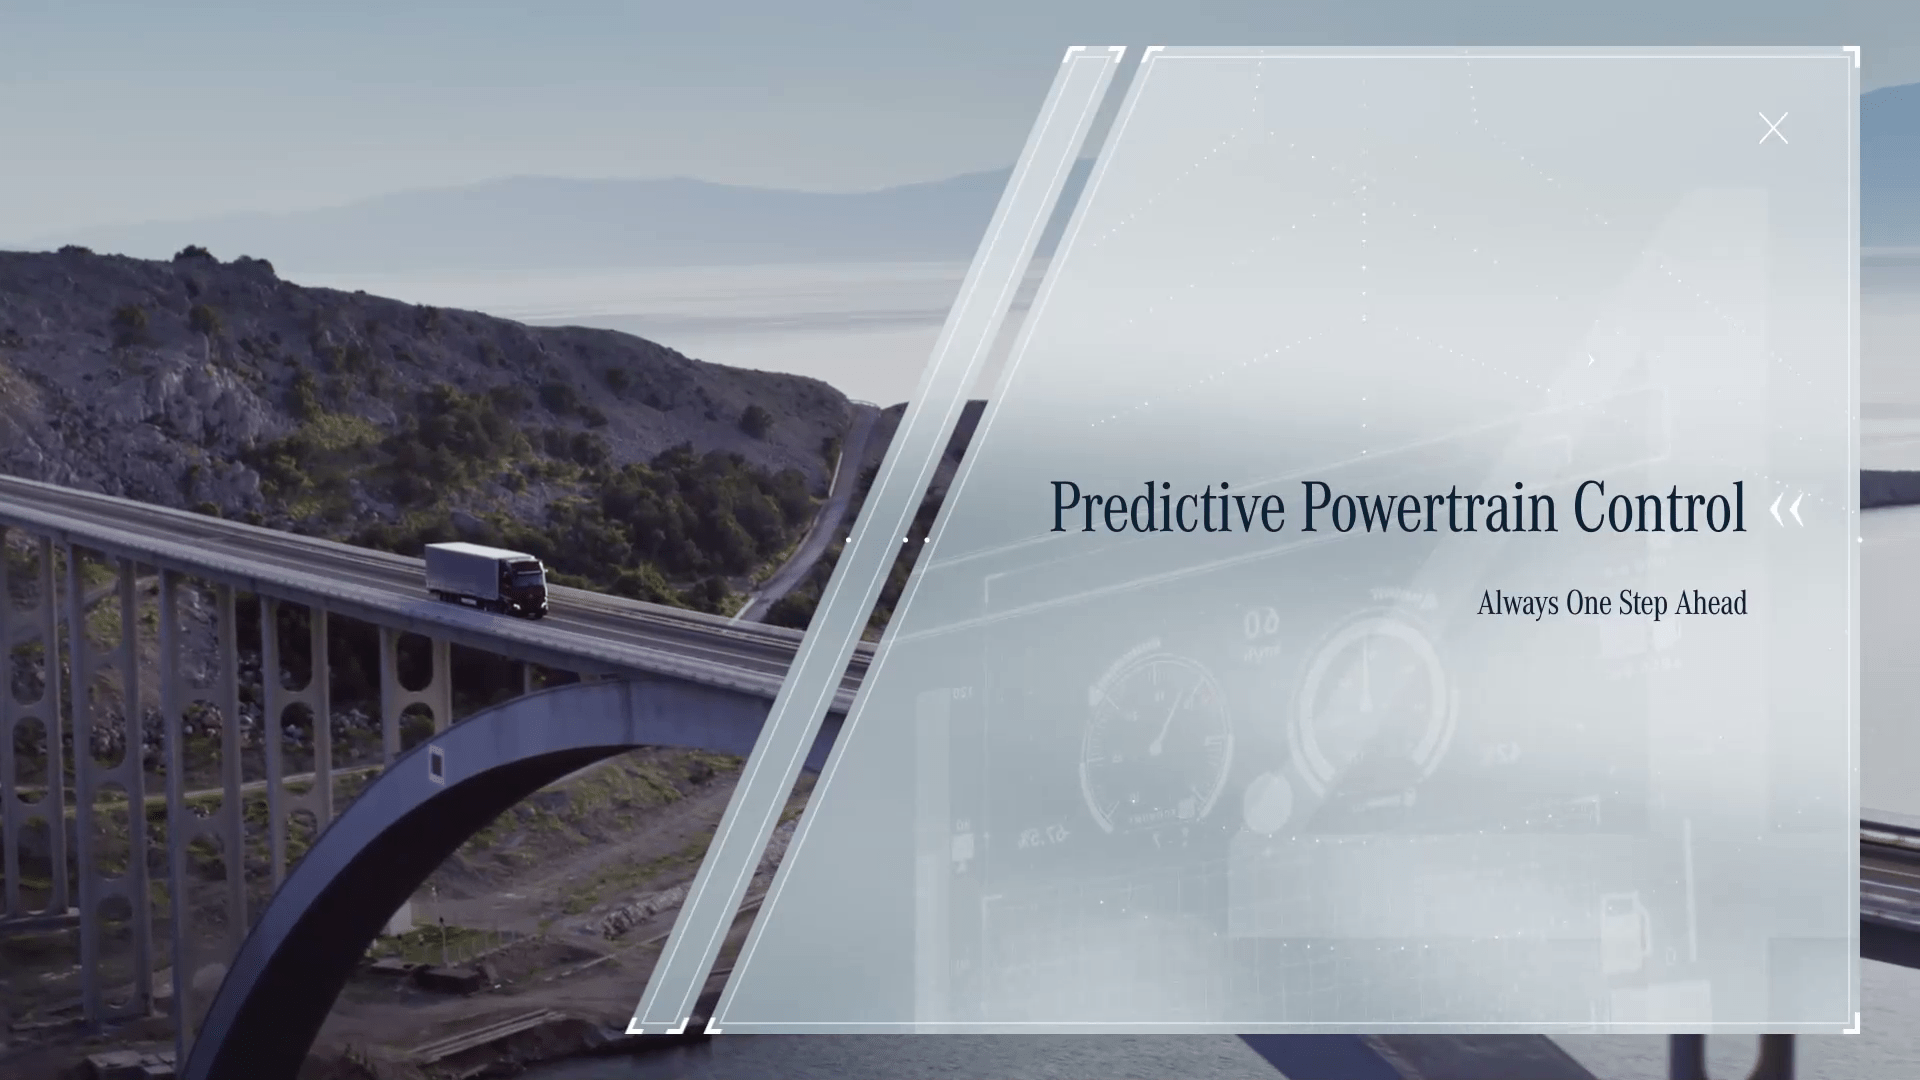 Predictive Powertrain Control